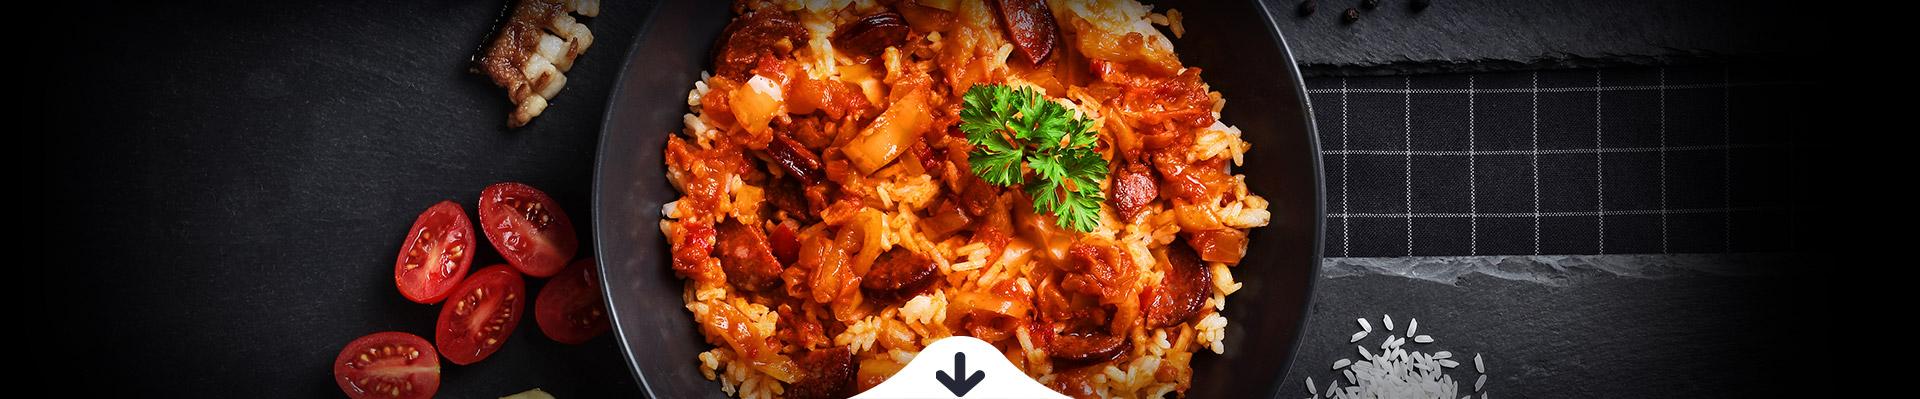 HELLO FOOD Kolbászos lecsó jázmin rizzsel